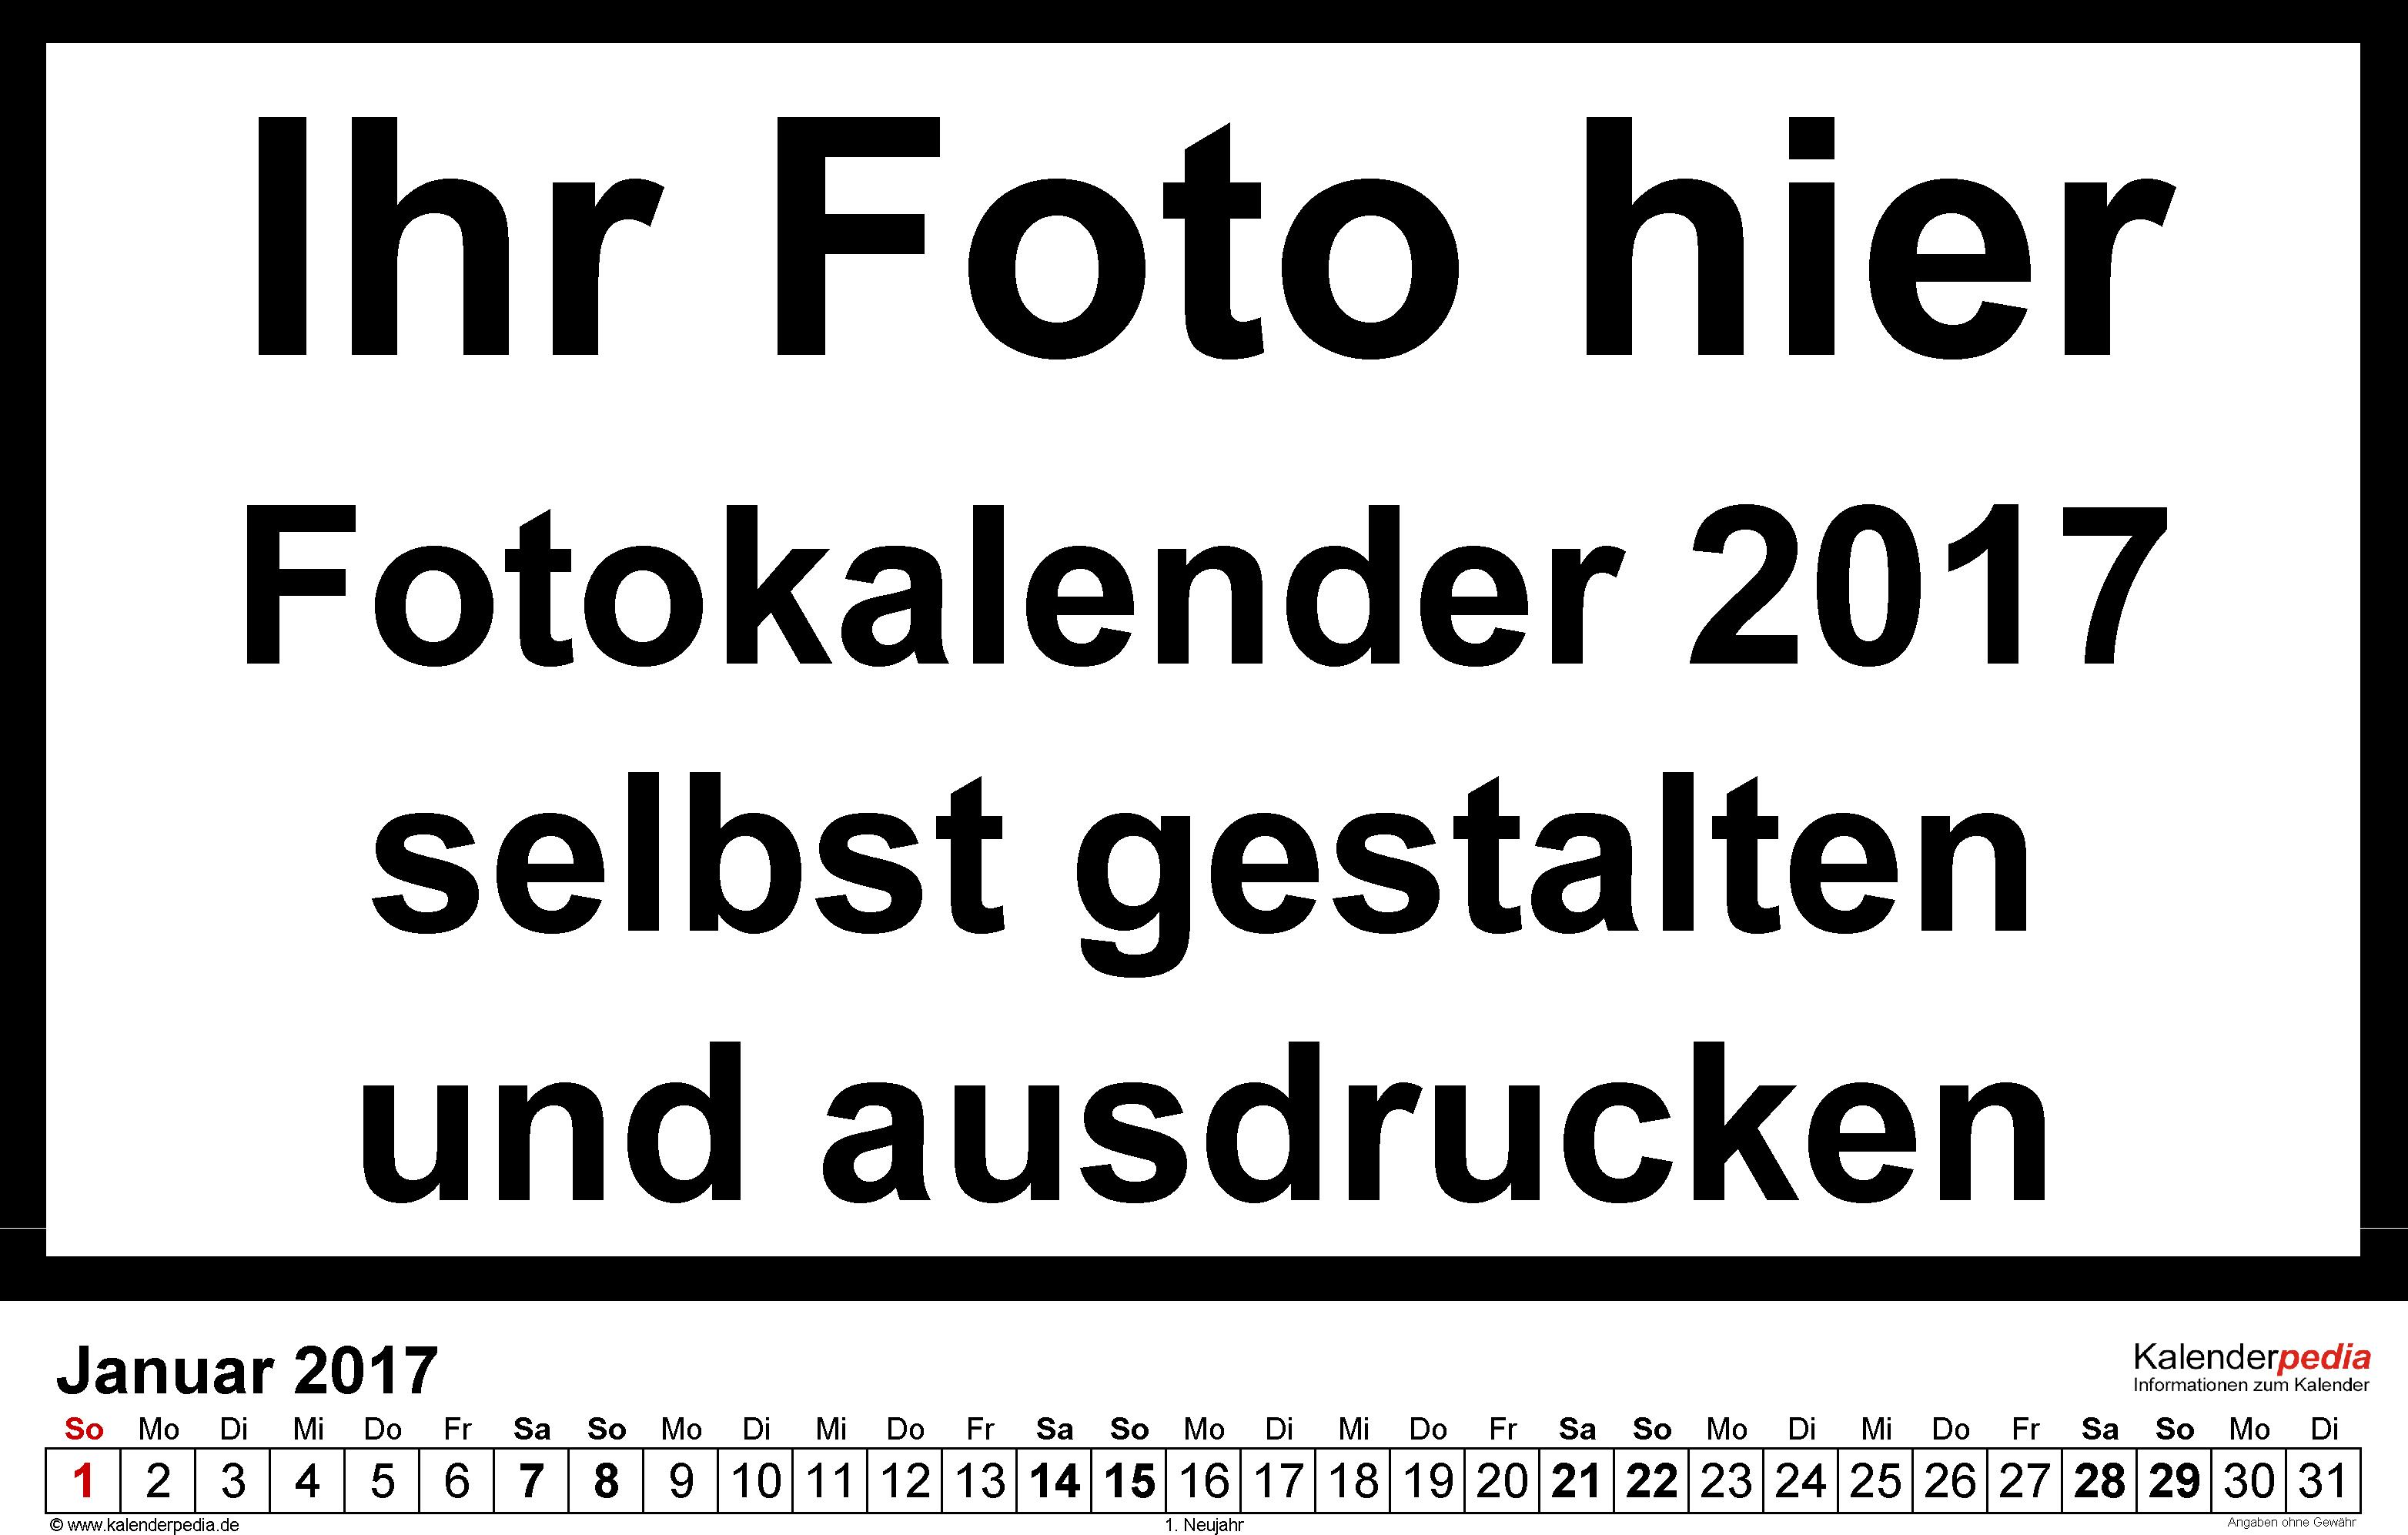 Vorlage 5: Word-Vorlage für Fotokalender 2017 (Querformat)